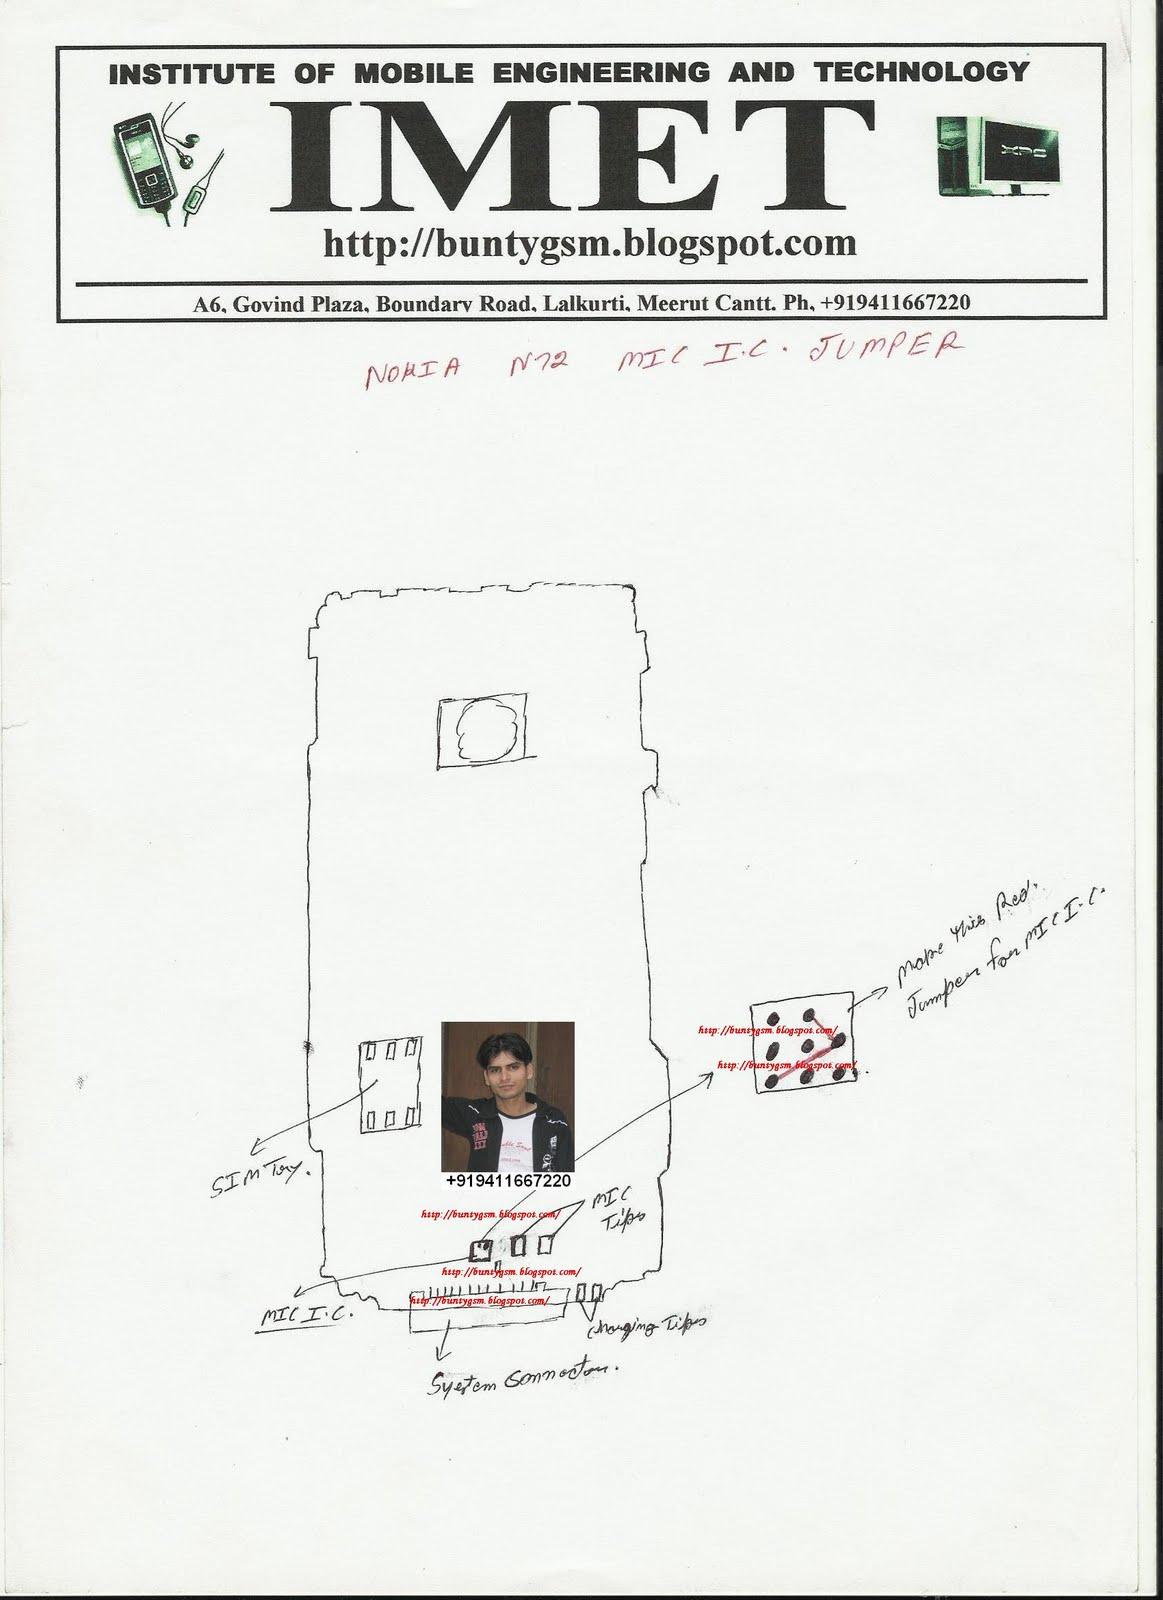 Nokia N72 Nokia N70 Mic Ic Jumper By Buntygsm Imet